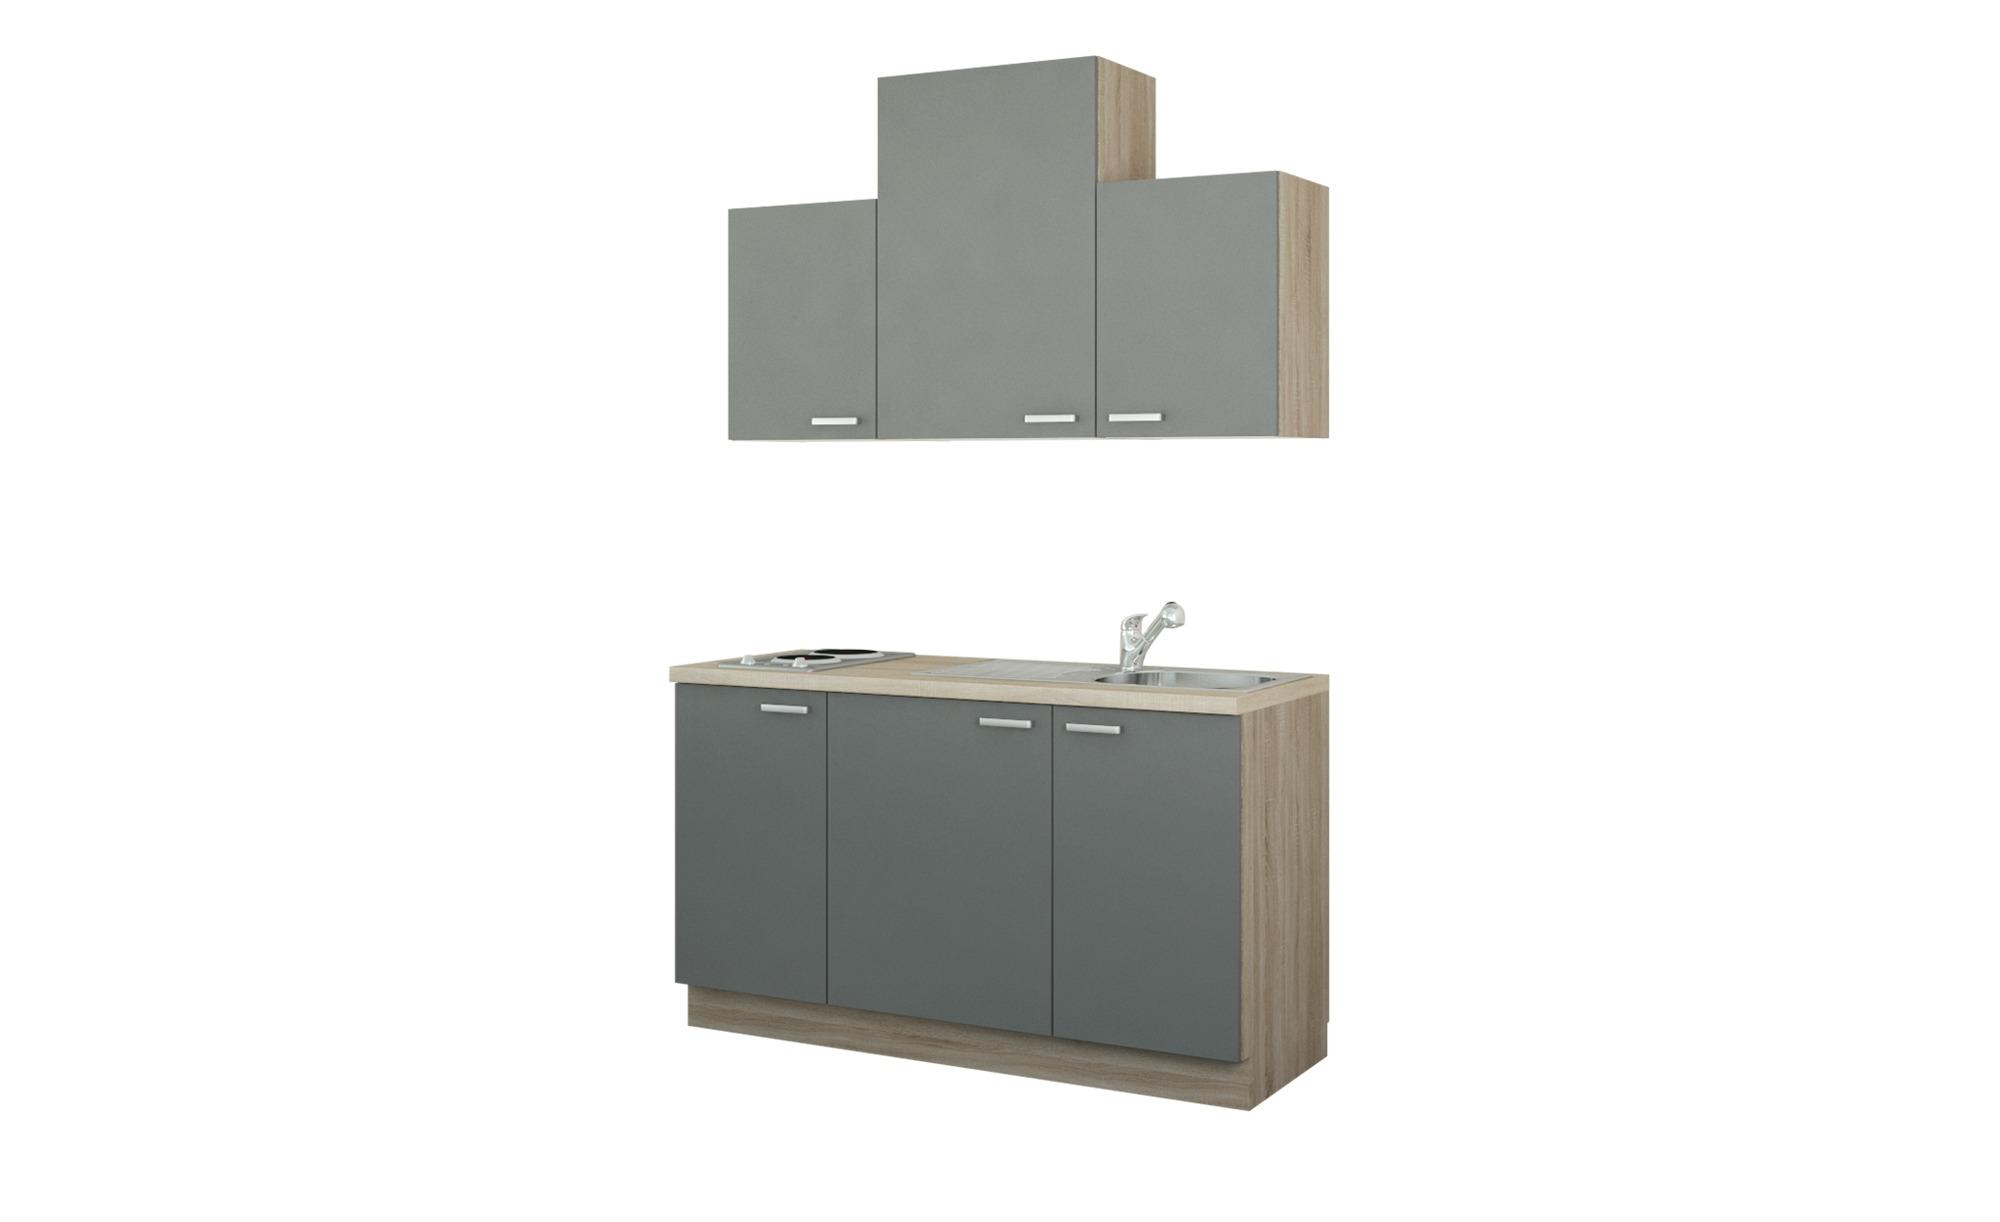 Küchenzeile mit Elektrogeräten  Aue ¦ holzfarben ¦ Maße (cm): B: 150 Küchen > Küchenblöcke mit E-Geräten - Höffner